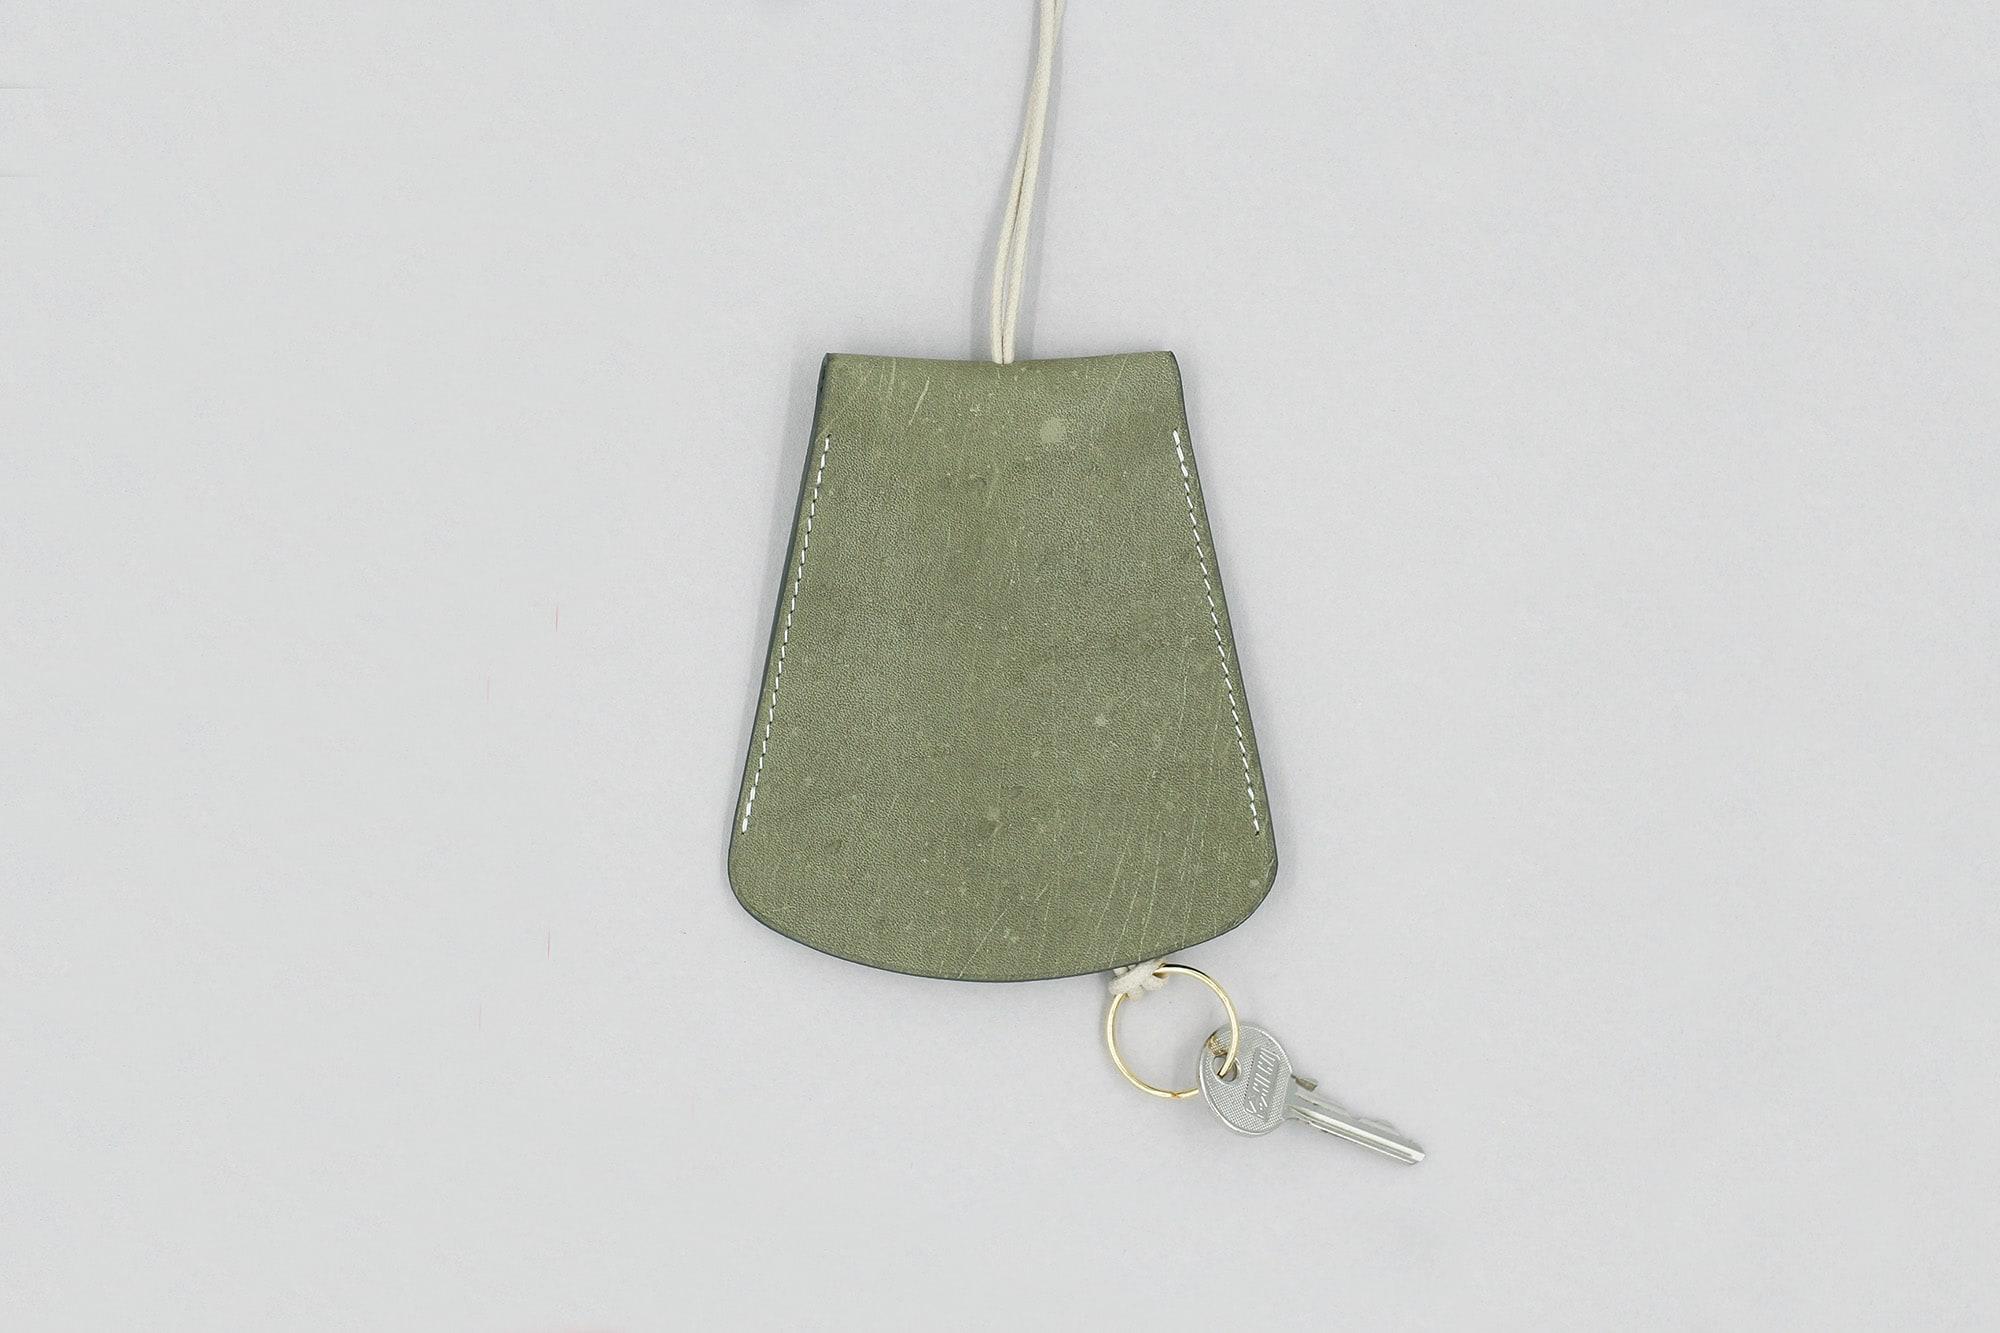 Porte-Clés Cloche Oversize en Cuir de Tablier Vintage Olive brut x laperruque